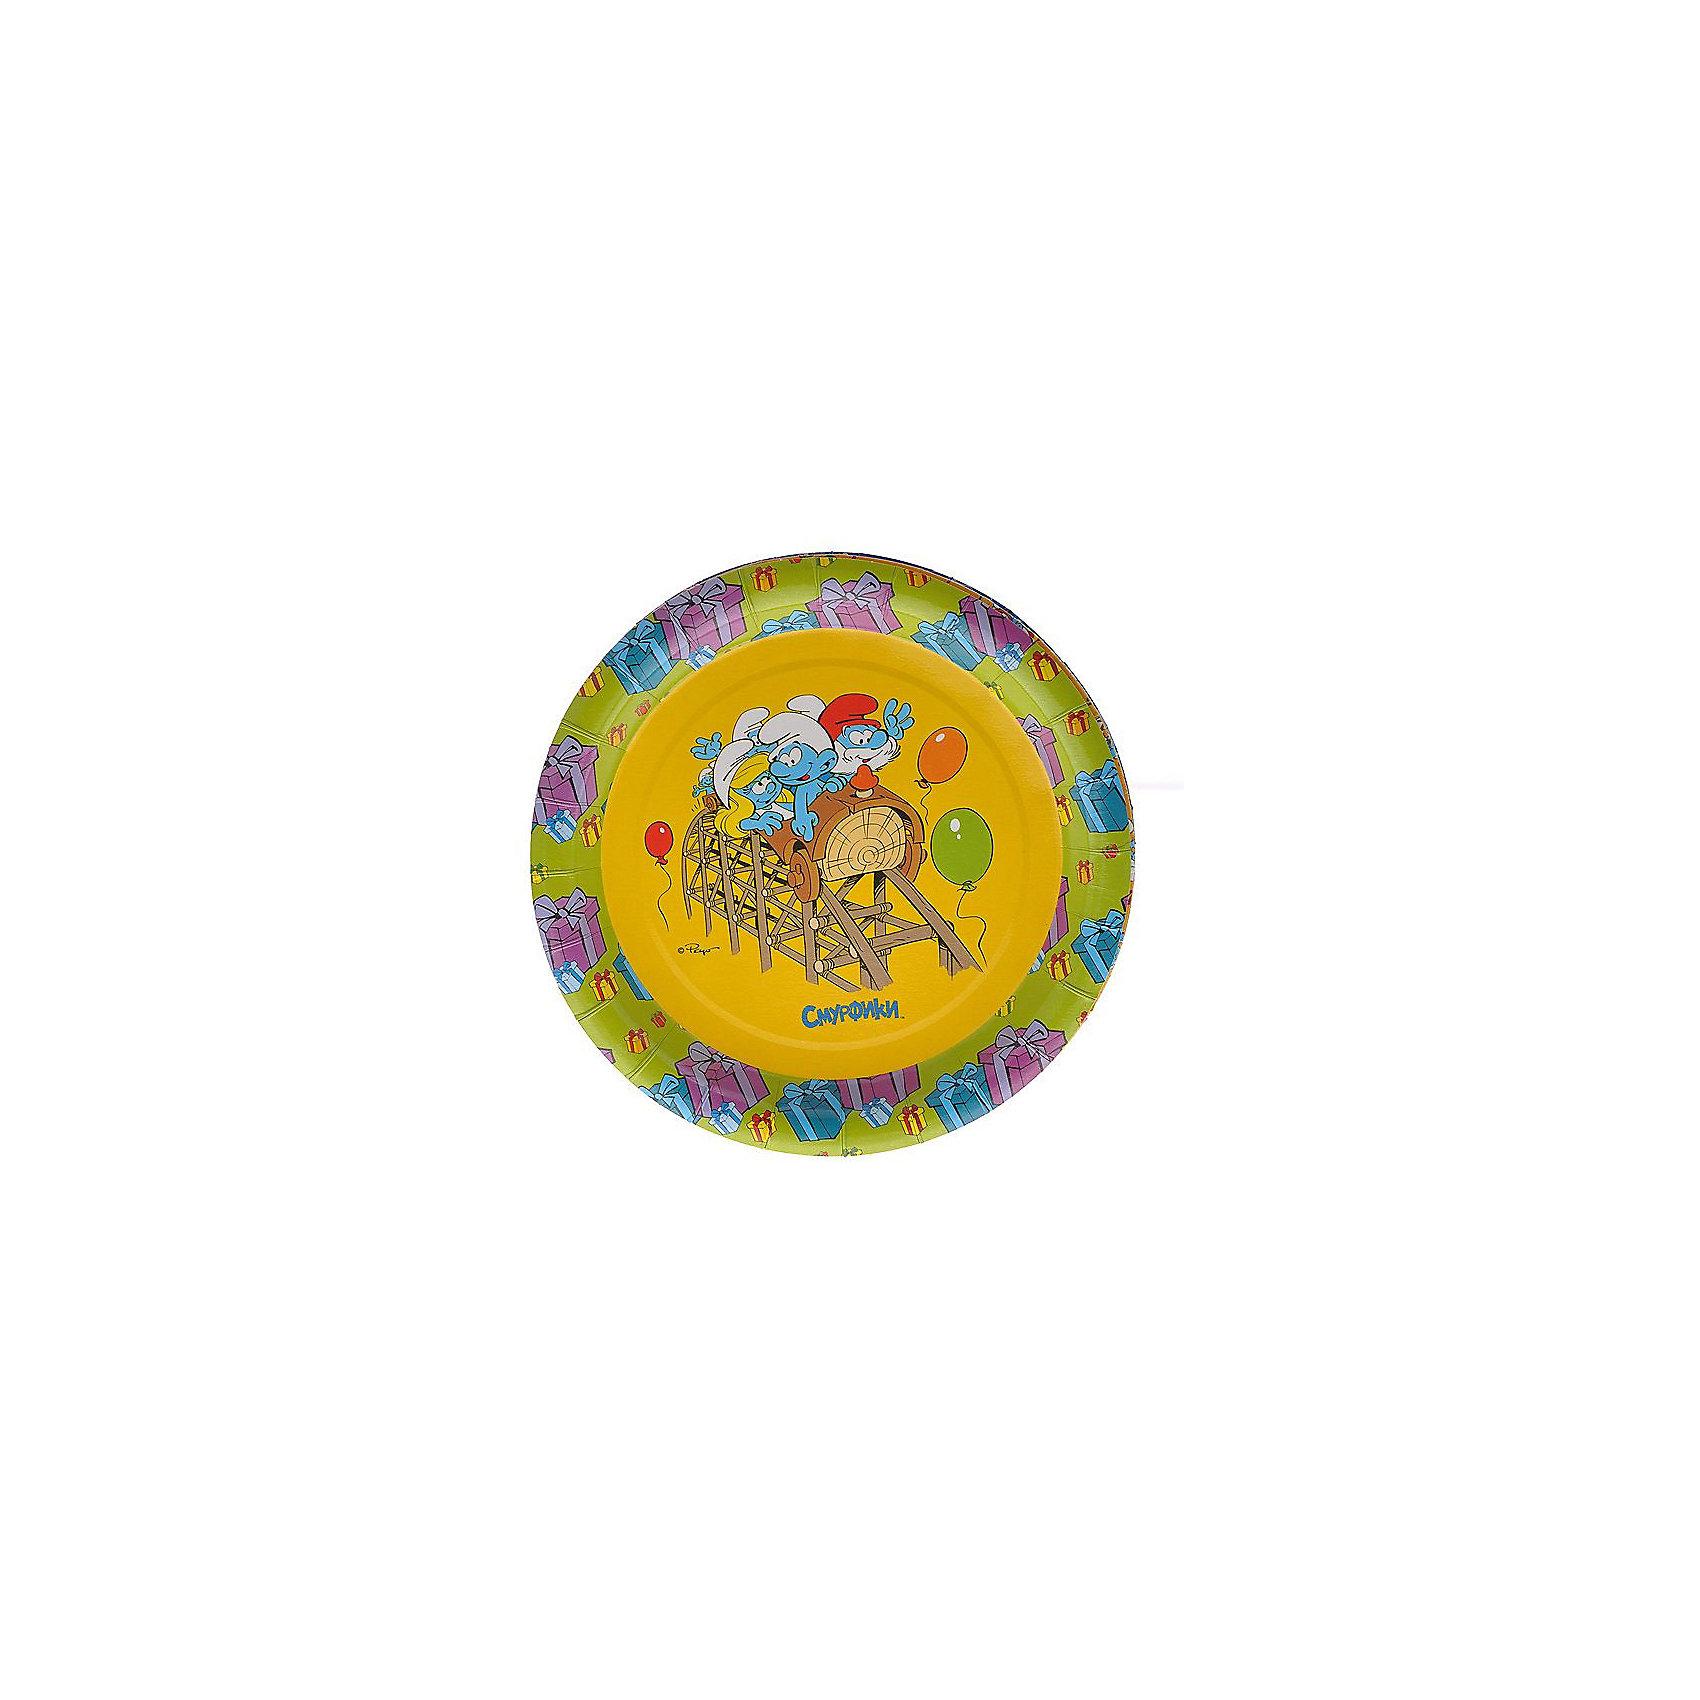 Набор тарелок 6 шт., СмурфикиЛюбое детское торжество – это долгожданное событие для каждого ребенка. Это веселье, танцы, задорный смех детей и много-много счастья. Ну, а для родителей это еще и горы грязной, а то и разбитой посуды. Не омрачить праздник, а только прибавить хорошего настроения поможет набор бумажных тарелок для праздника «Смурфики». Одноразовая посуда прочно вошла в современную жизнь, и теперь многие люди просто не представляют детский праздник или пикник без нее: она почти невесома, не может разбиться и не нуждается в мытье. Сделанная из бумаги, такая посуда является экологически чистой и не наносит вреда здоровью. Благодаря глянцевому ламинированию, одноразовые бумажные тарелки прекрасно справляются со своей задачей: удерживают еду, не промокают и не протекают. В набор входит 6 тарелок диаметром 18 см.<br><br>Ширина мм: 185<br>Глубина мм: 185<br>Высота мм: 10<br>Вес г: 57<br>Возраст от месяцев: 36<br>Возраст до месяцев: 2147483647<br>Пол: Унисекс<br>Возраст: Детский<br>SKU: 5453526